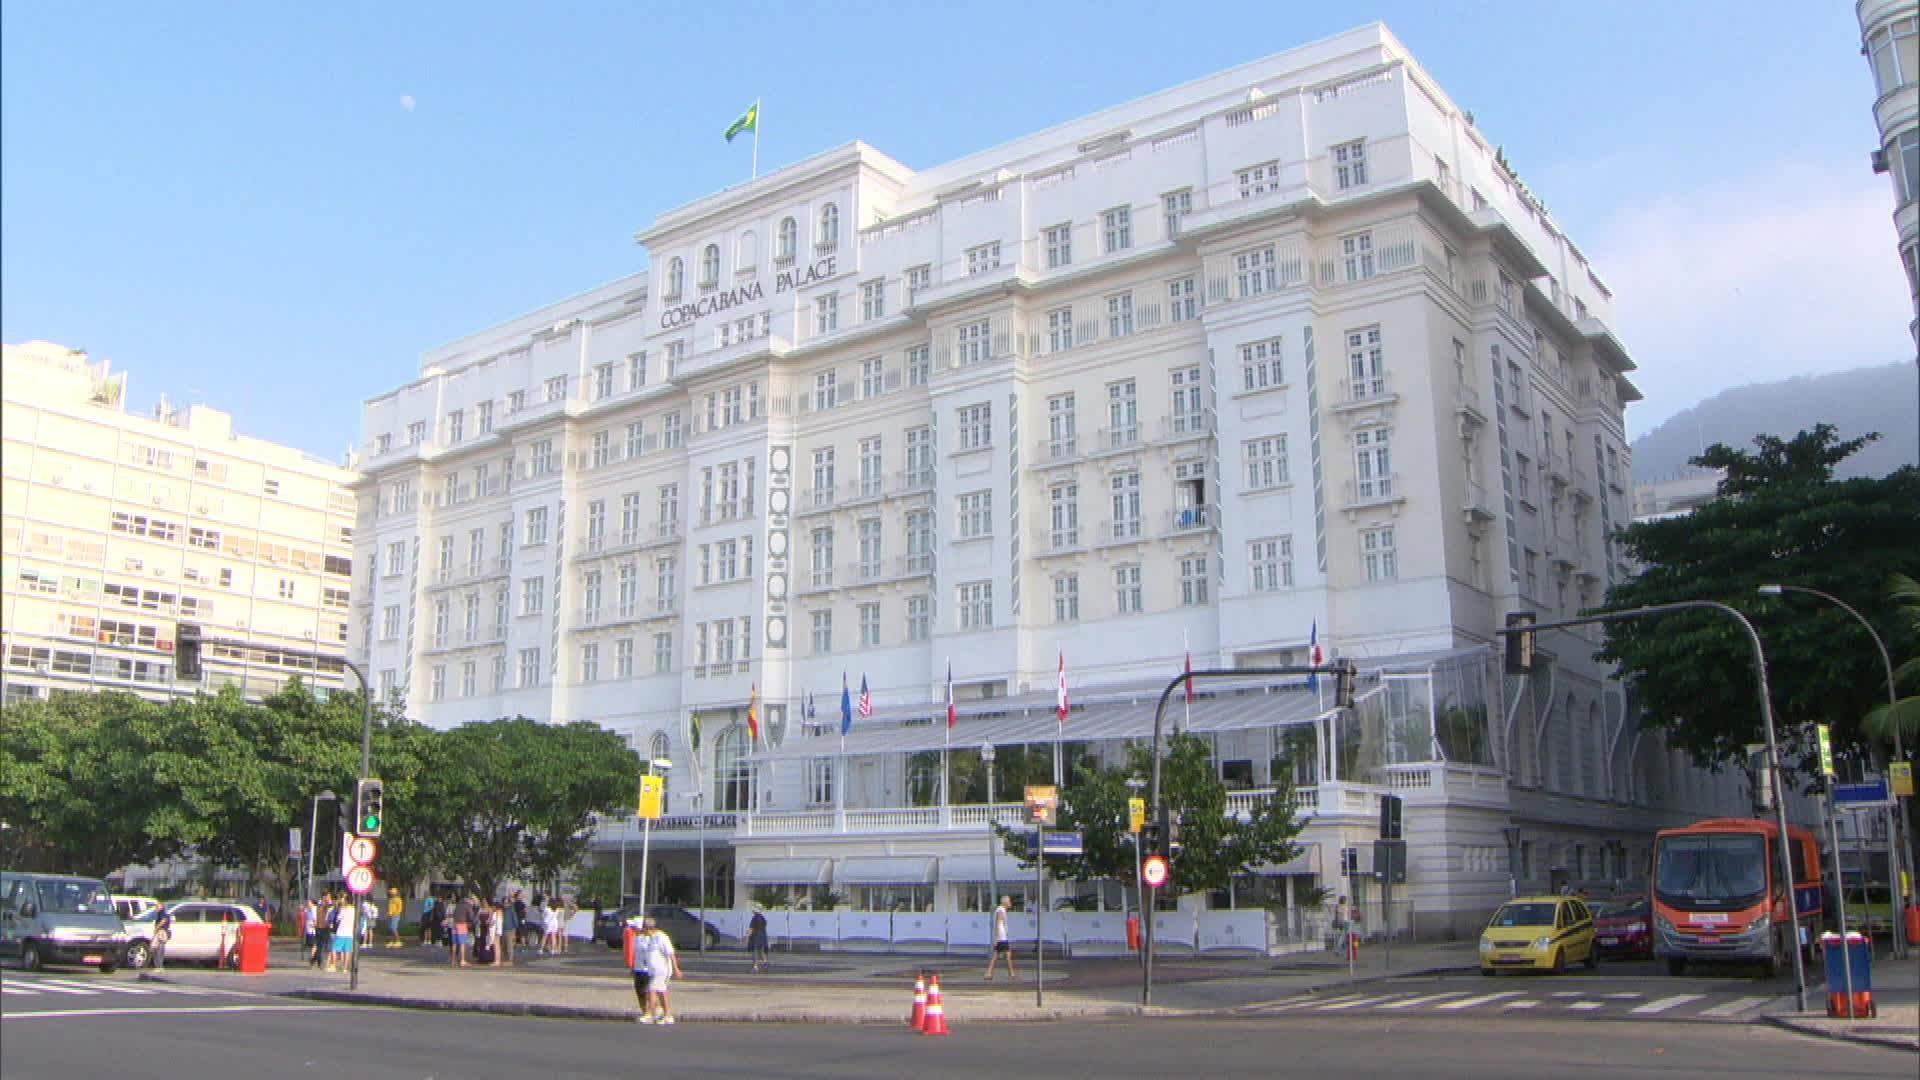 Copacabana Palace fecha pela primeira vez em 97 anos por causa da pandemia